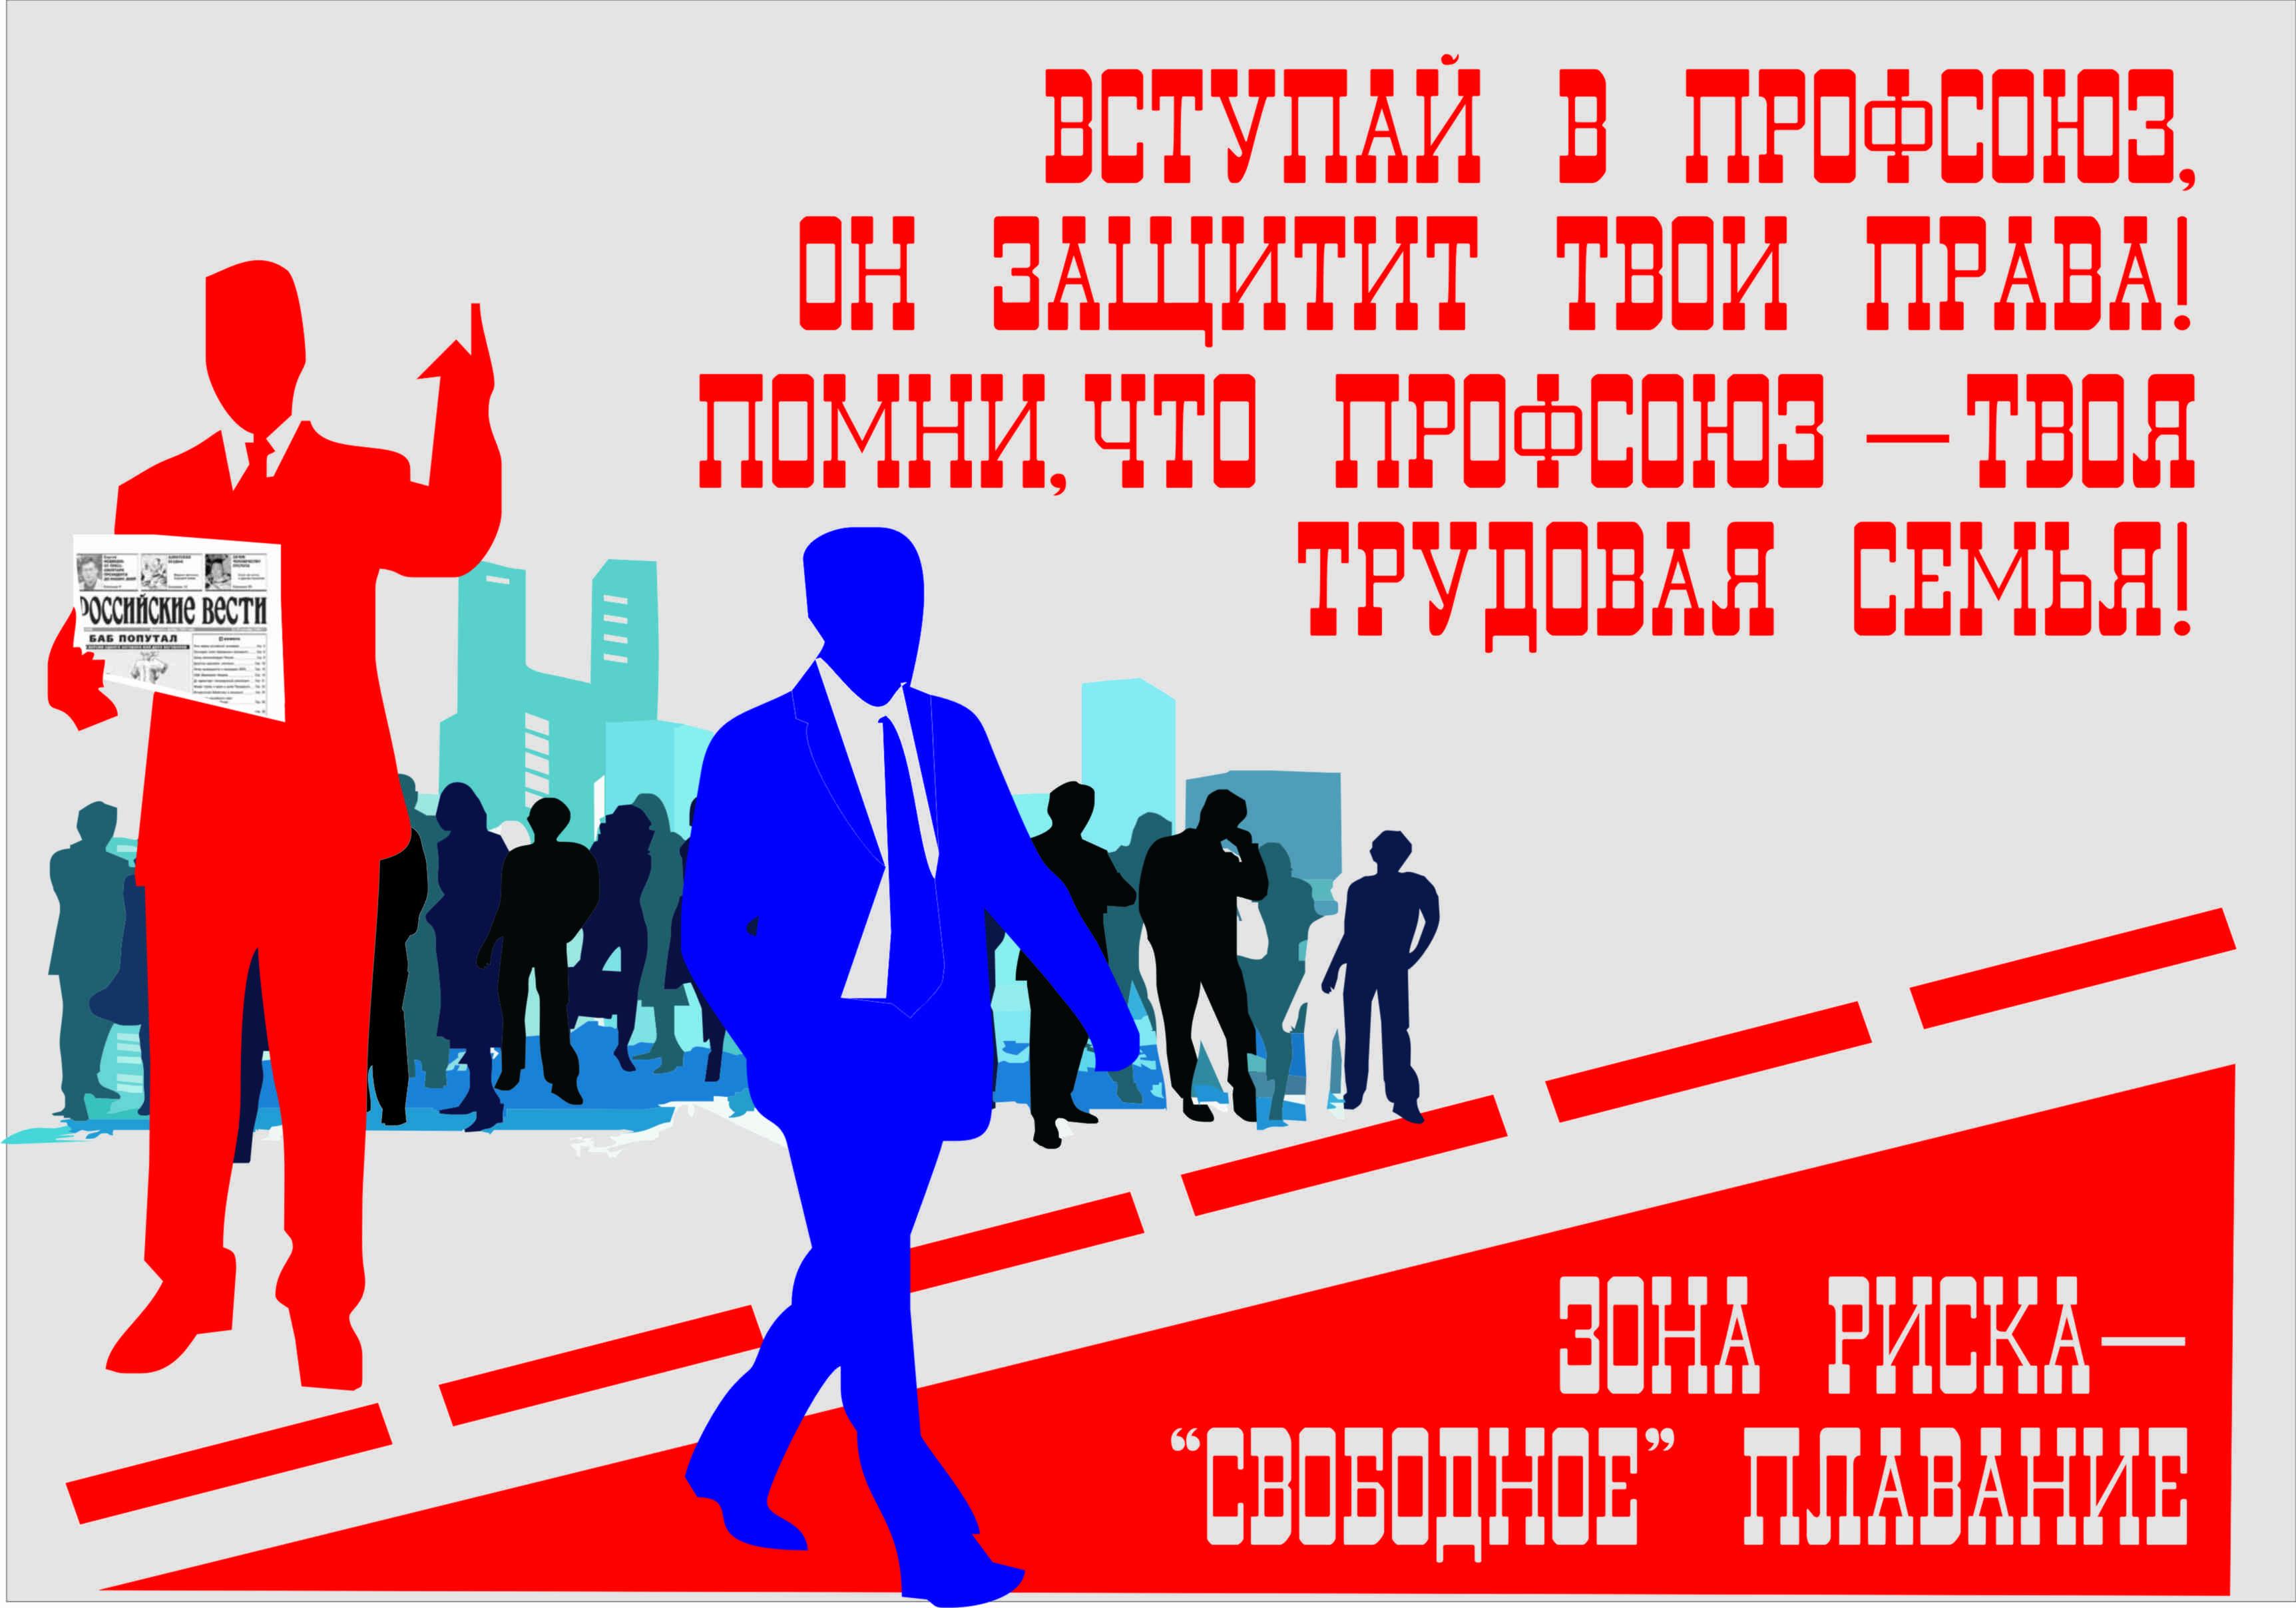 Конкурс профсоюзная открытка 57